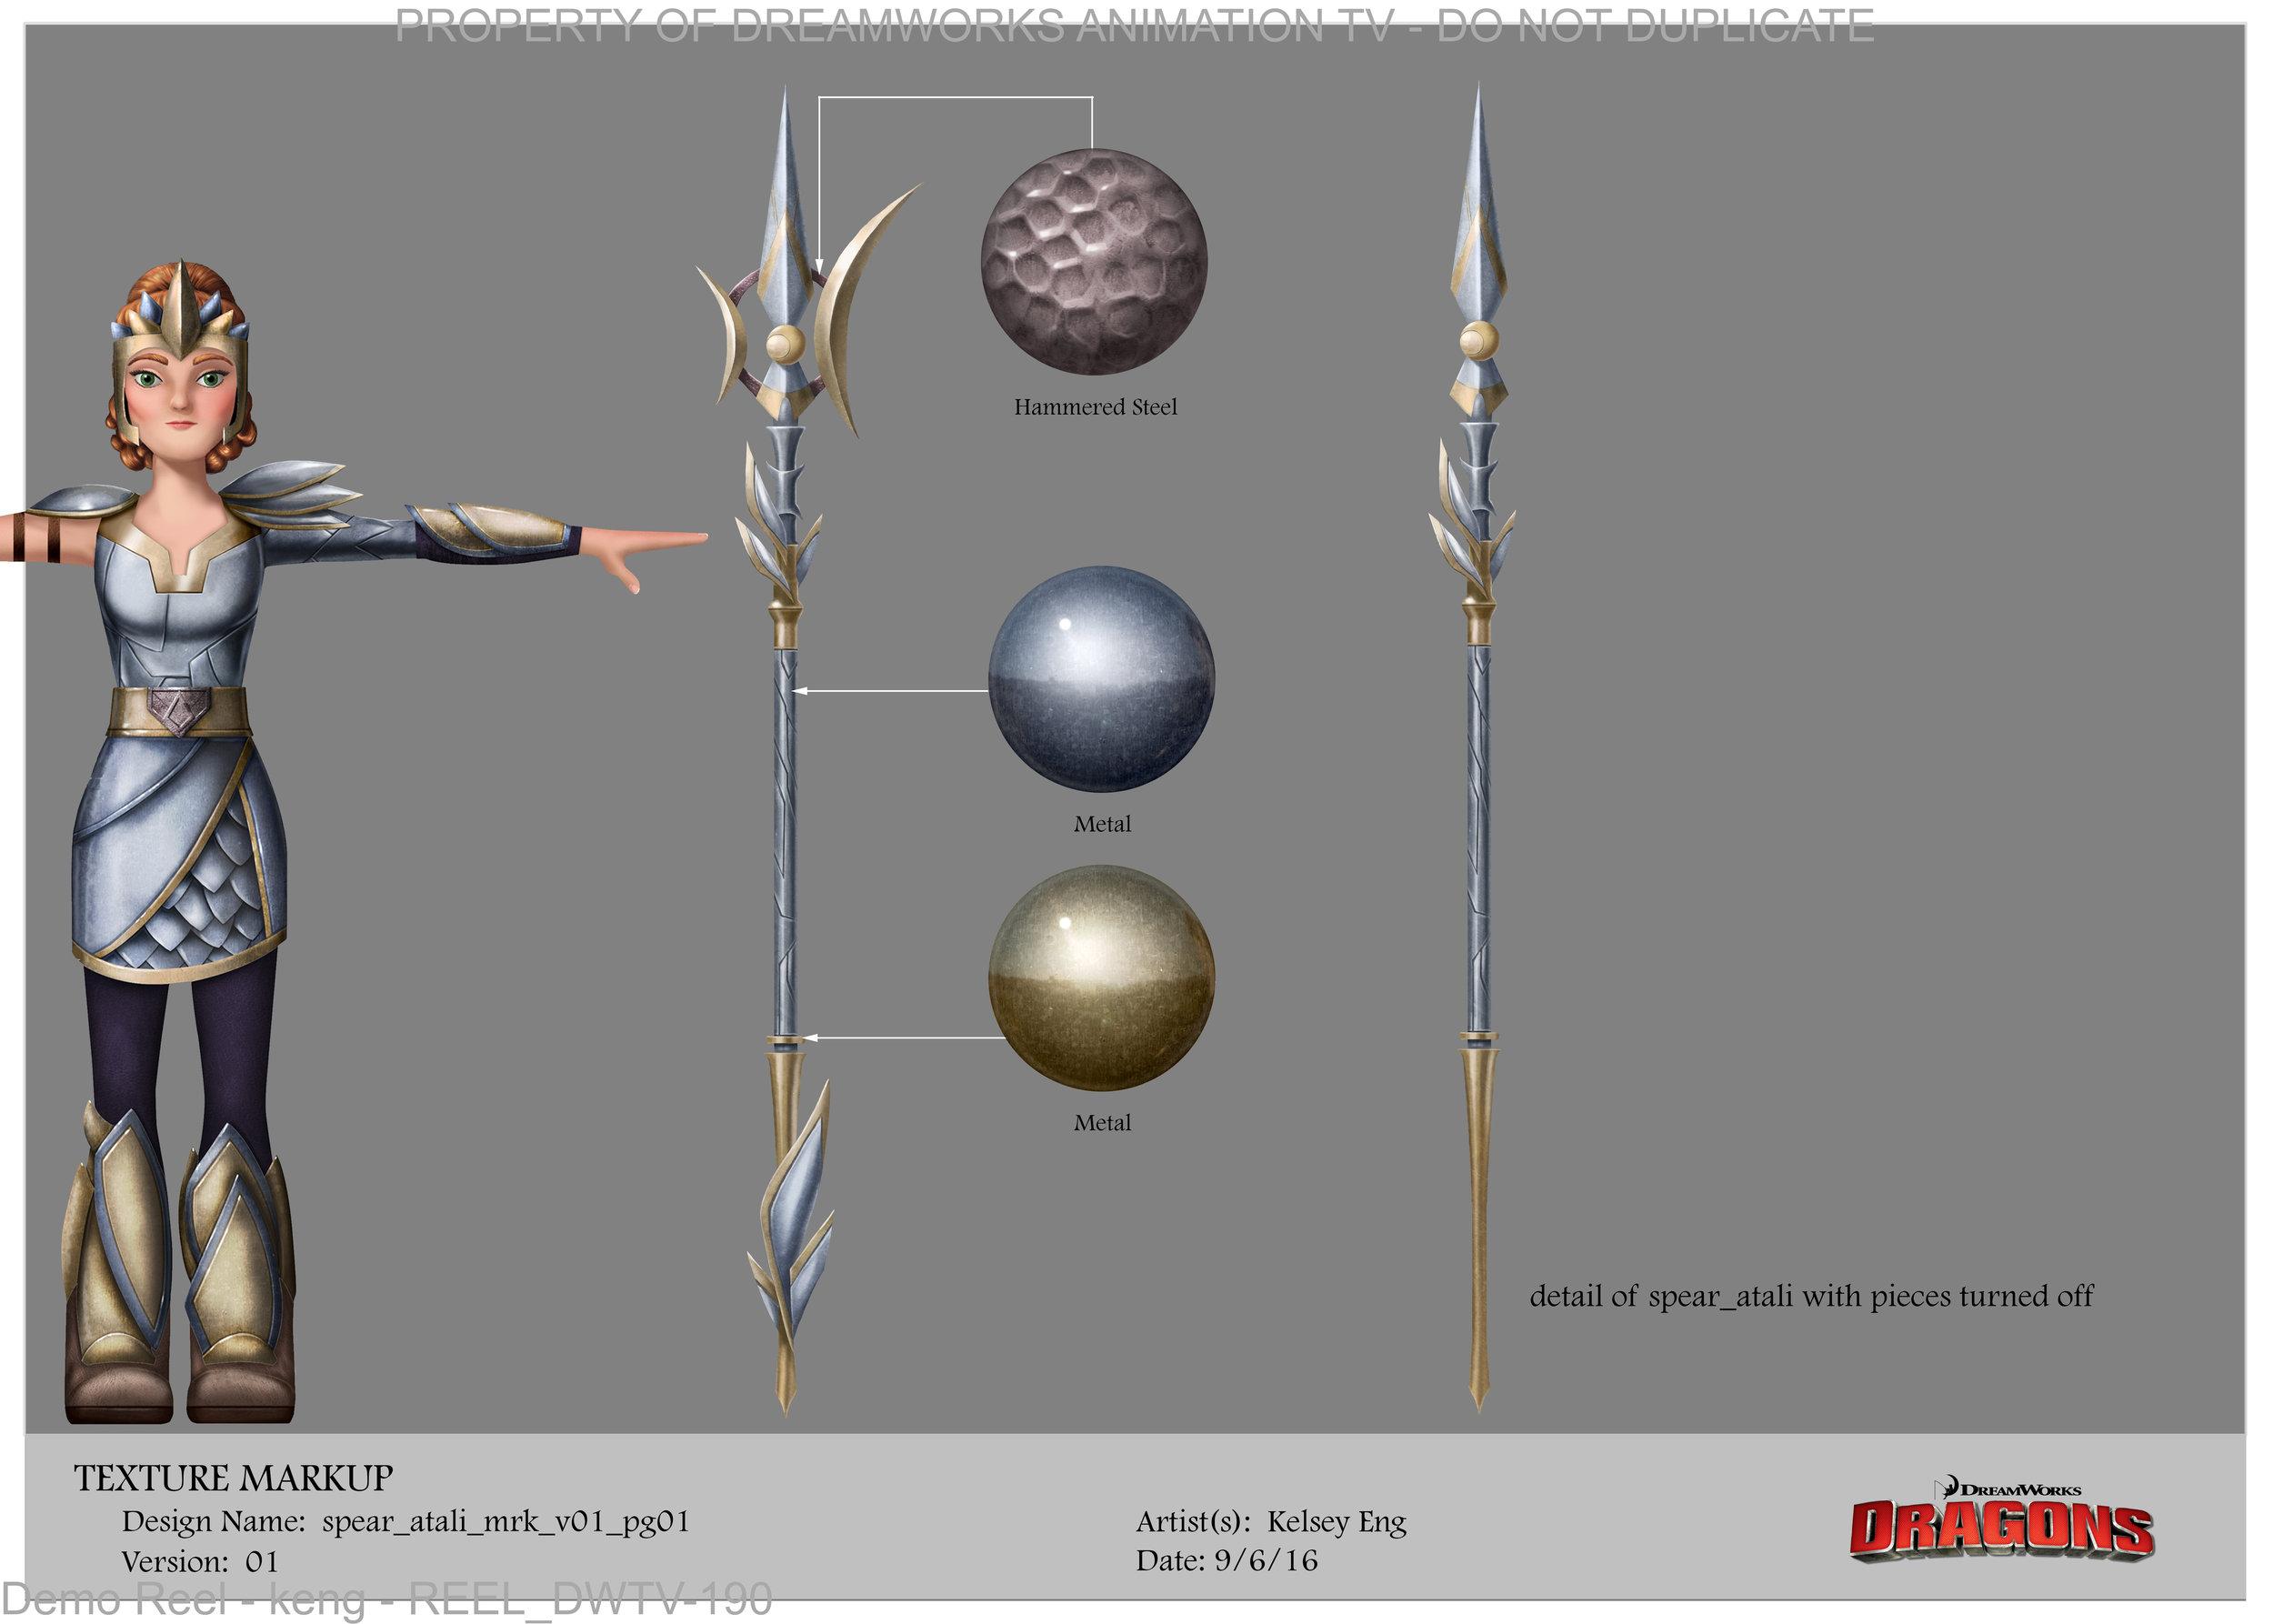 spear_atali_mrk_v01_pg_01.jpg